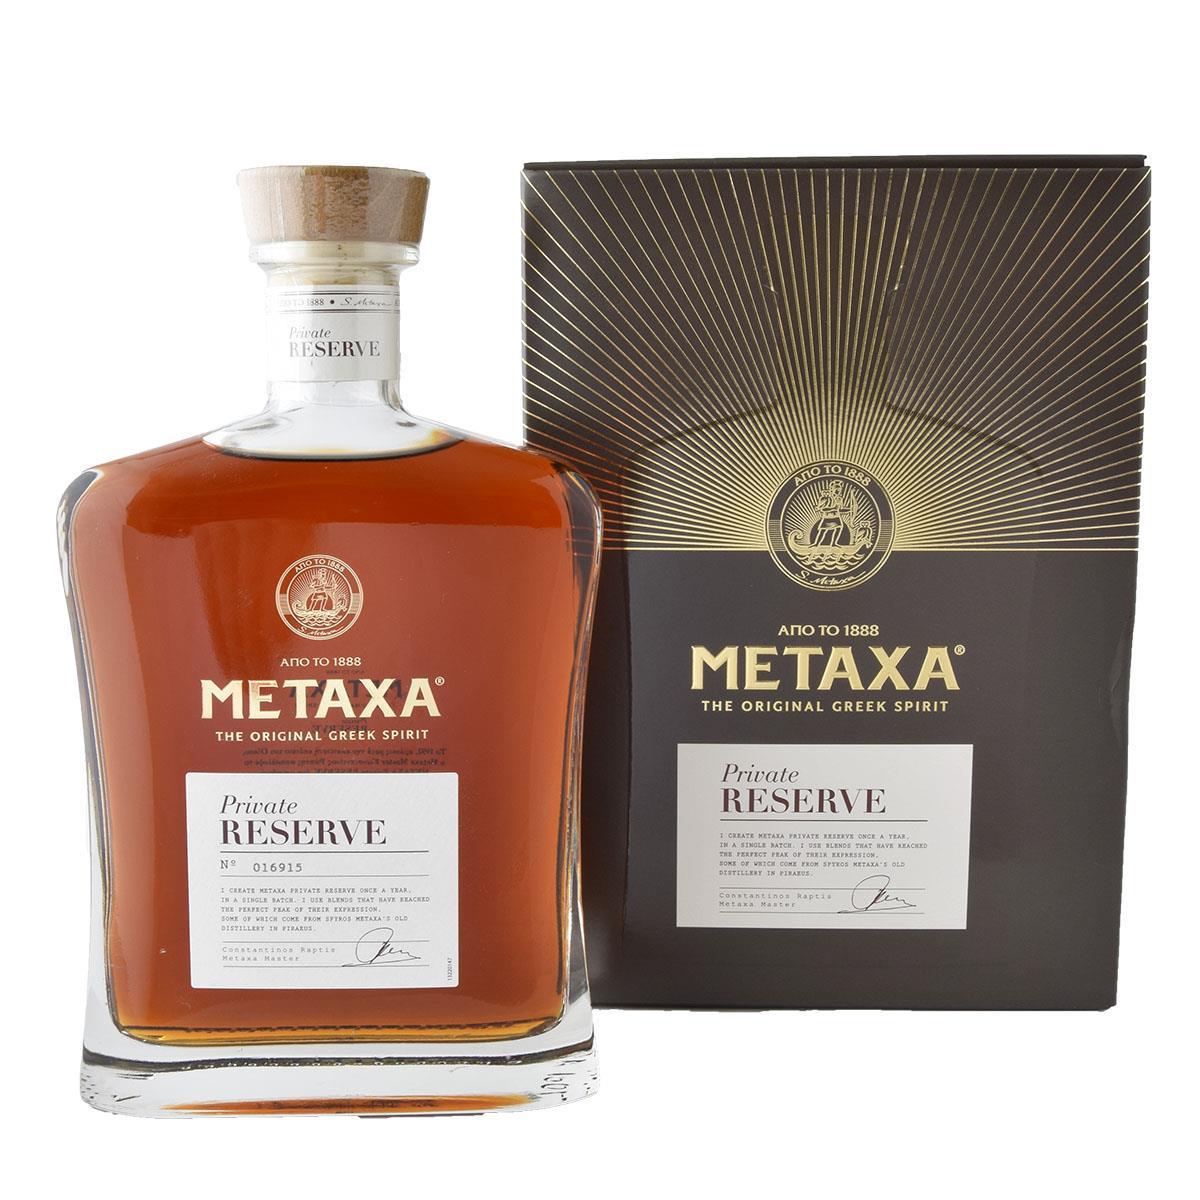 Metaxa Private Reserve 700ml